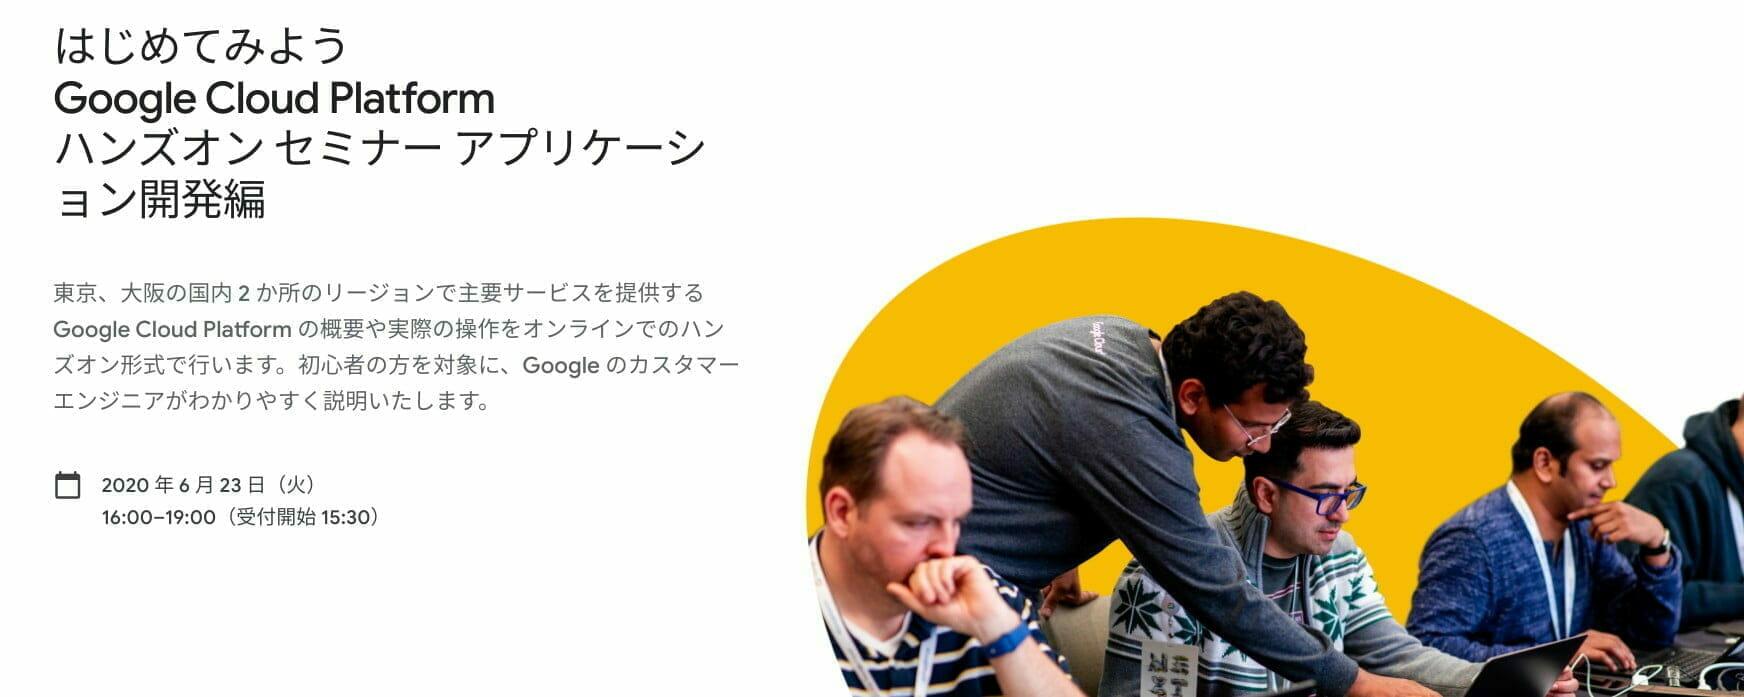 はじめてみよう Google Cloud Platform ハンズオン セミナー アプリケーション開発編